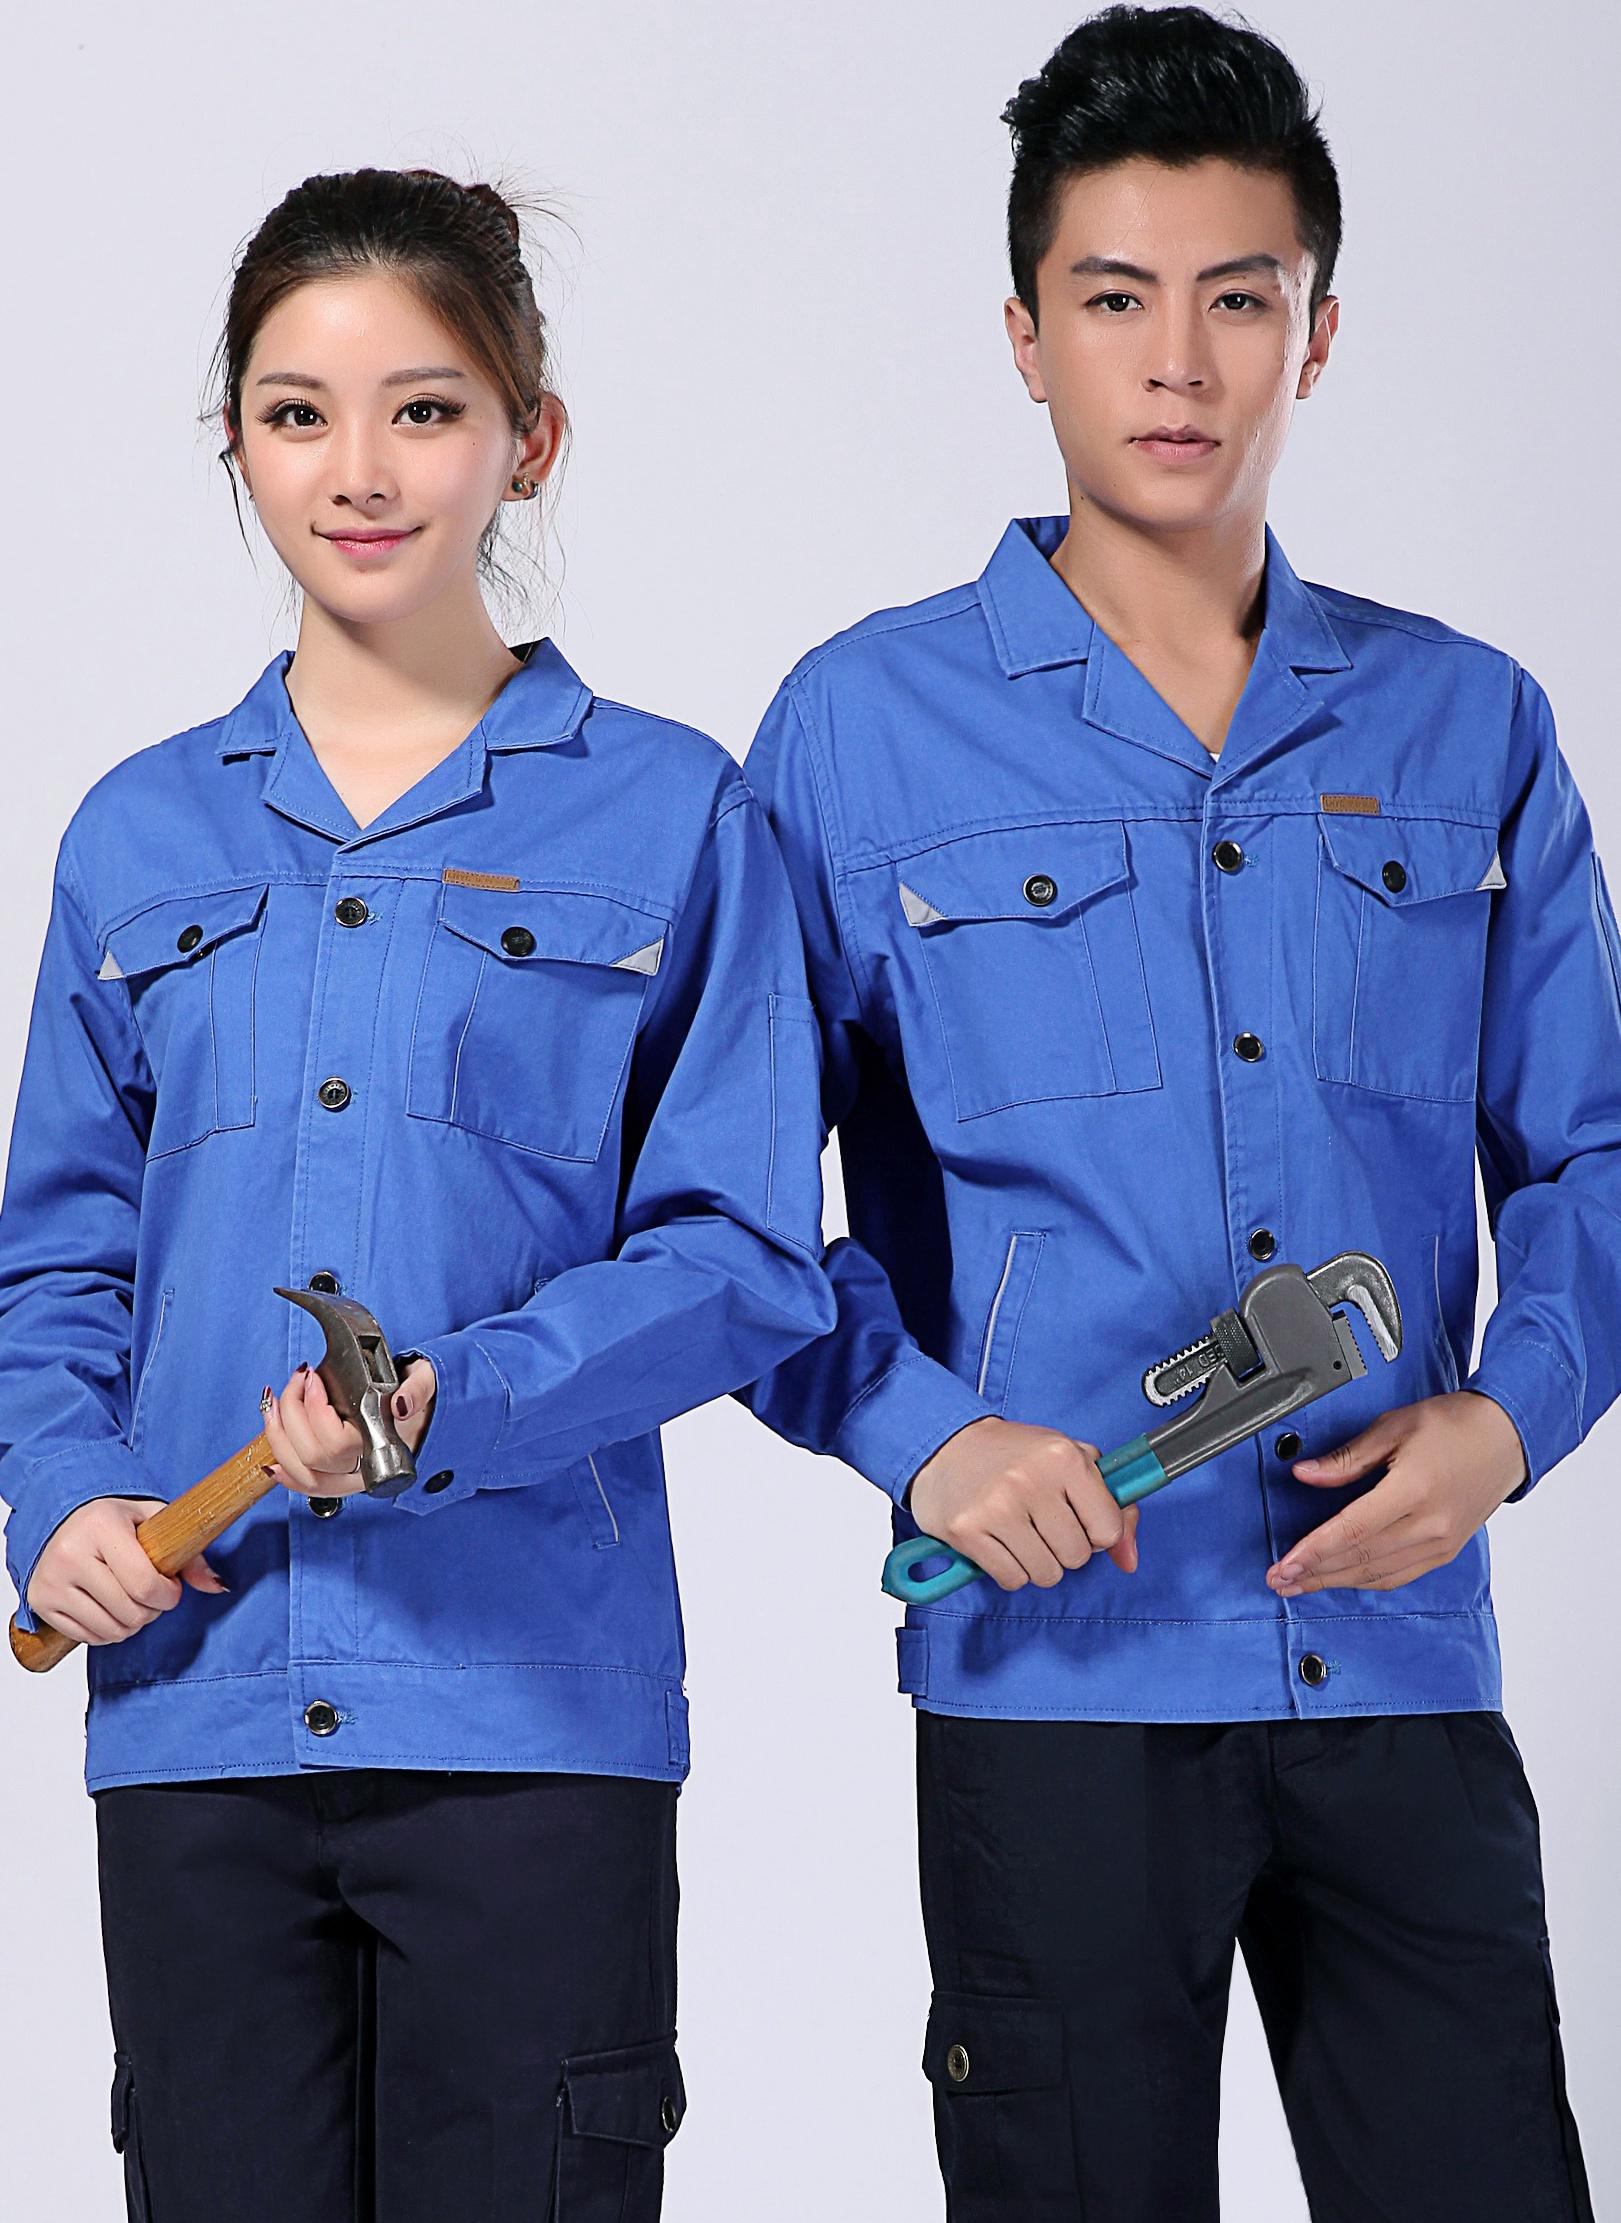 2019新款春秋工服男女纯棉宝蓝色工服套装 - 005A - 乐好英超